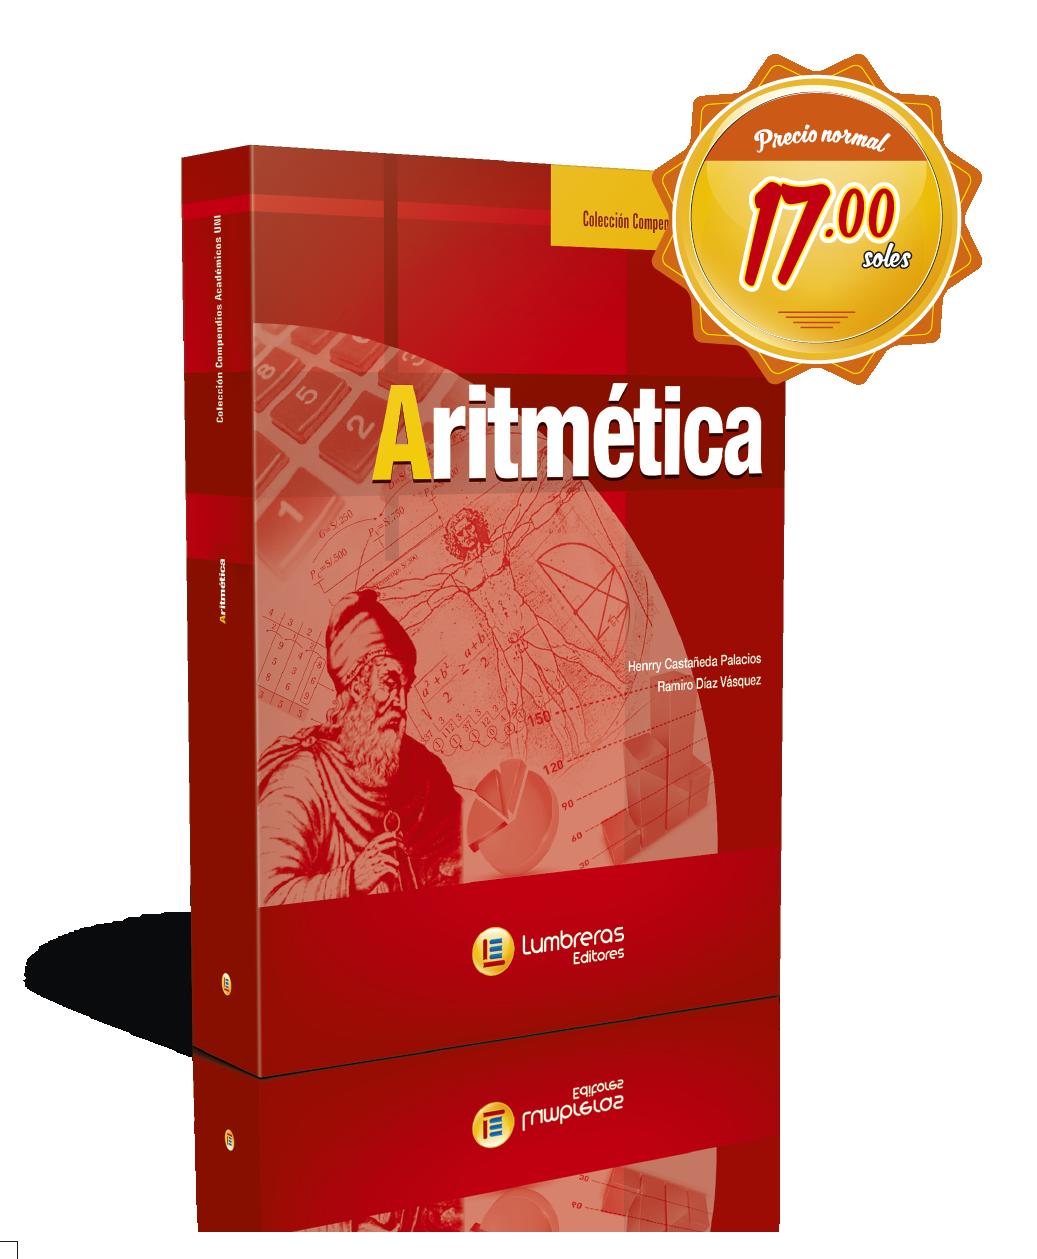 aritmetica_presentacion_web-03.png